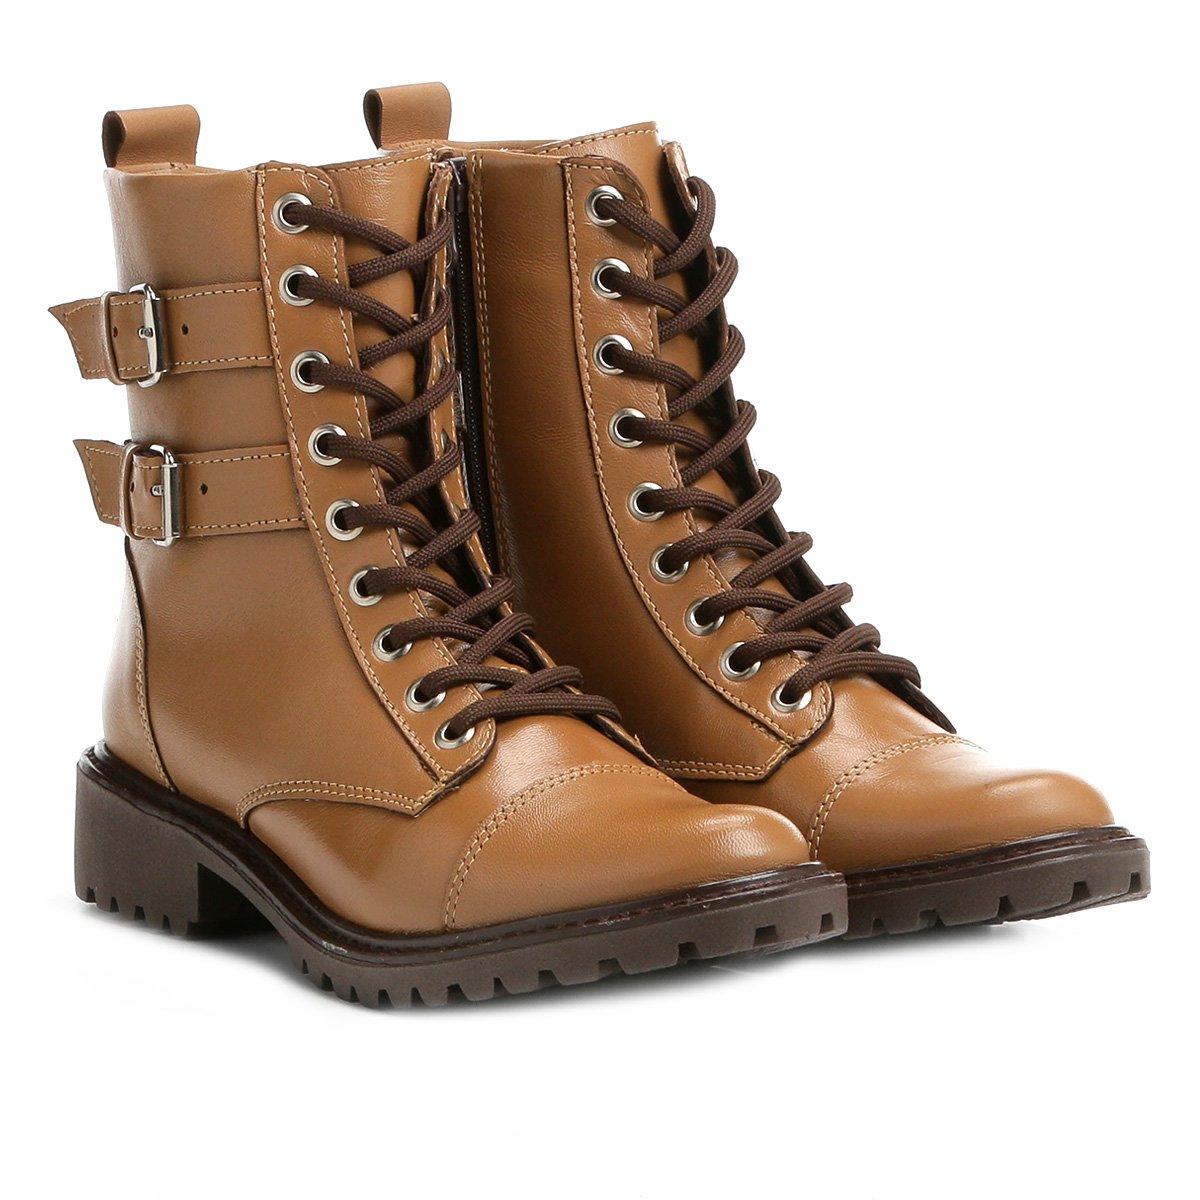 68146f14c3093 Fivelas Fivelas Agora Bota Shoestock Shoestock Shoestock Shoestock Feminina Coturno  Compre TBEBO